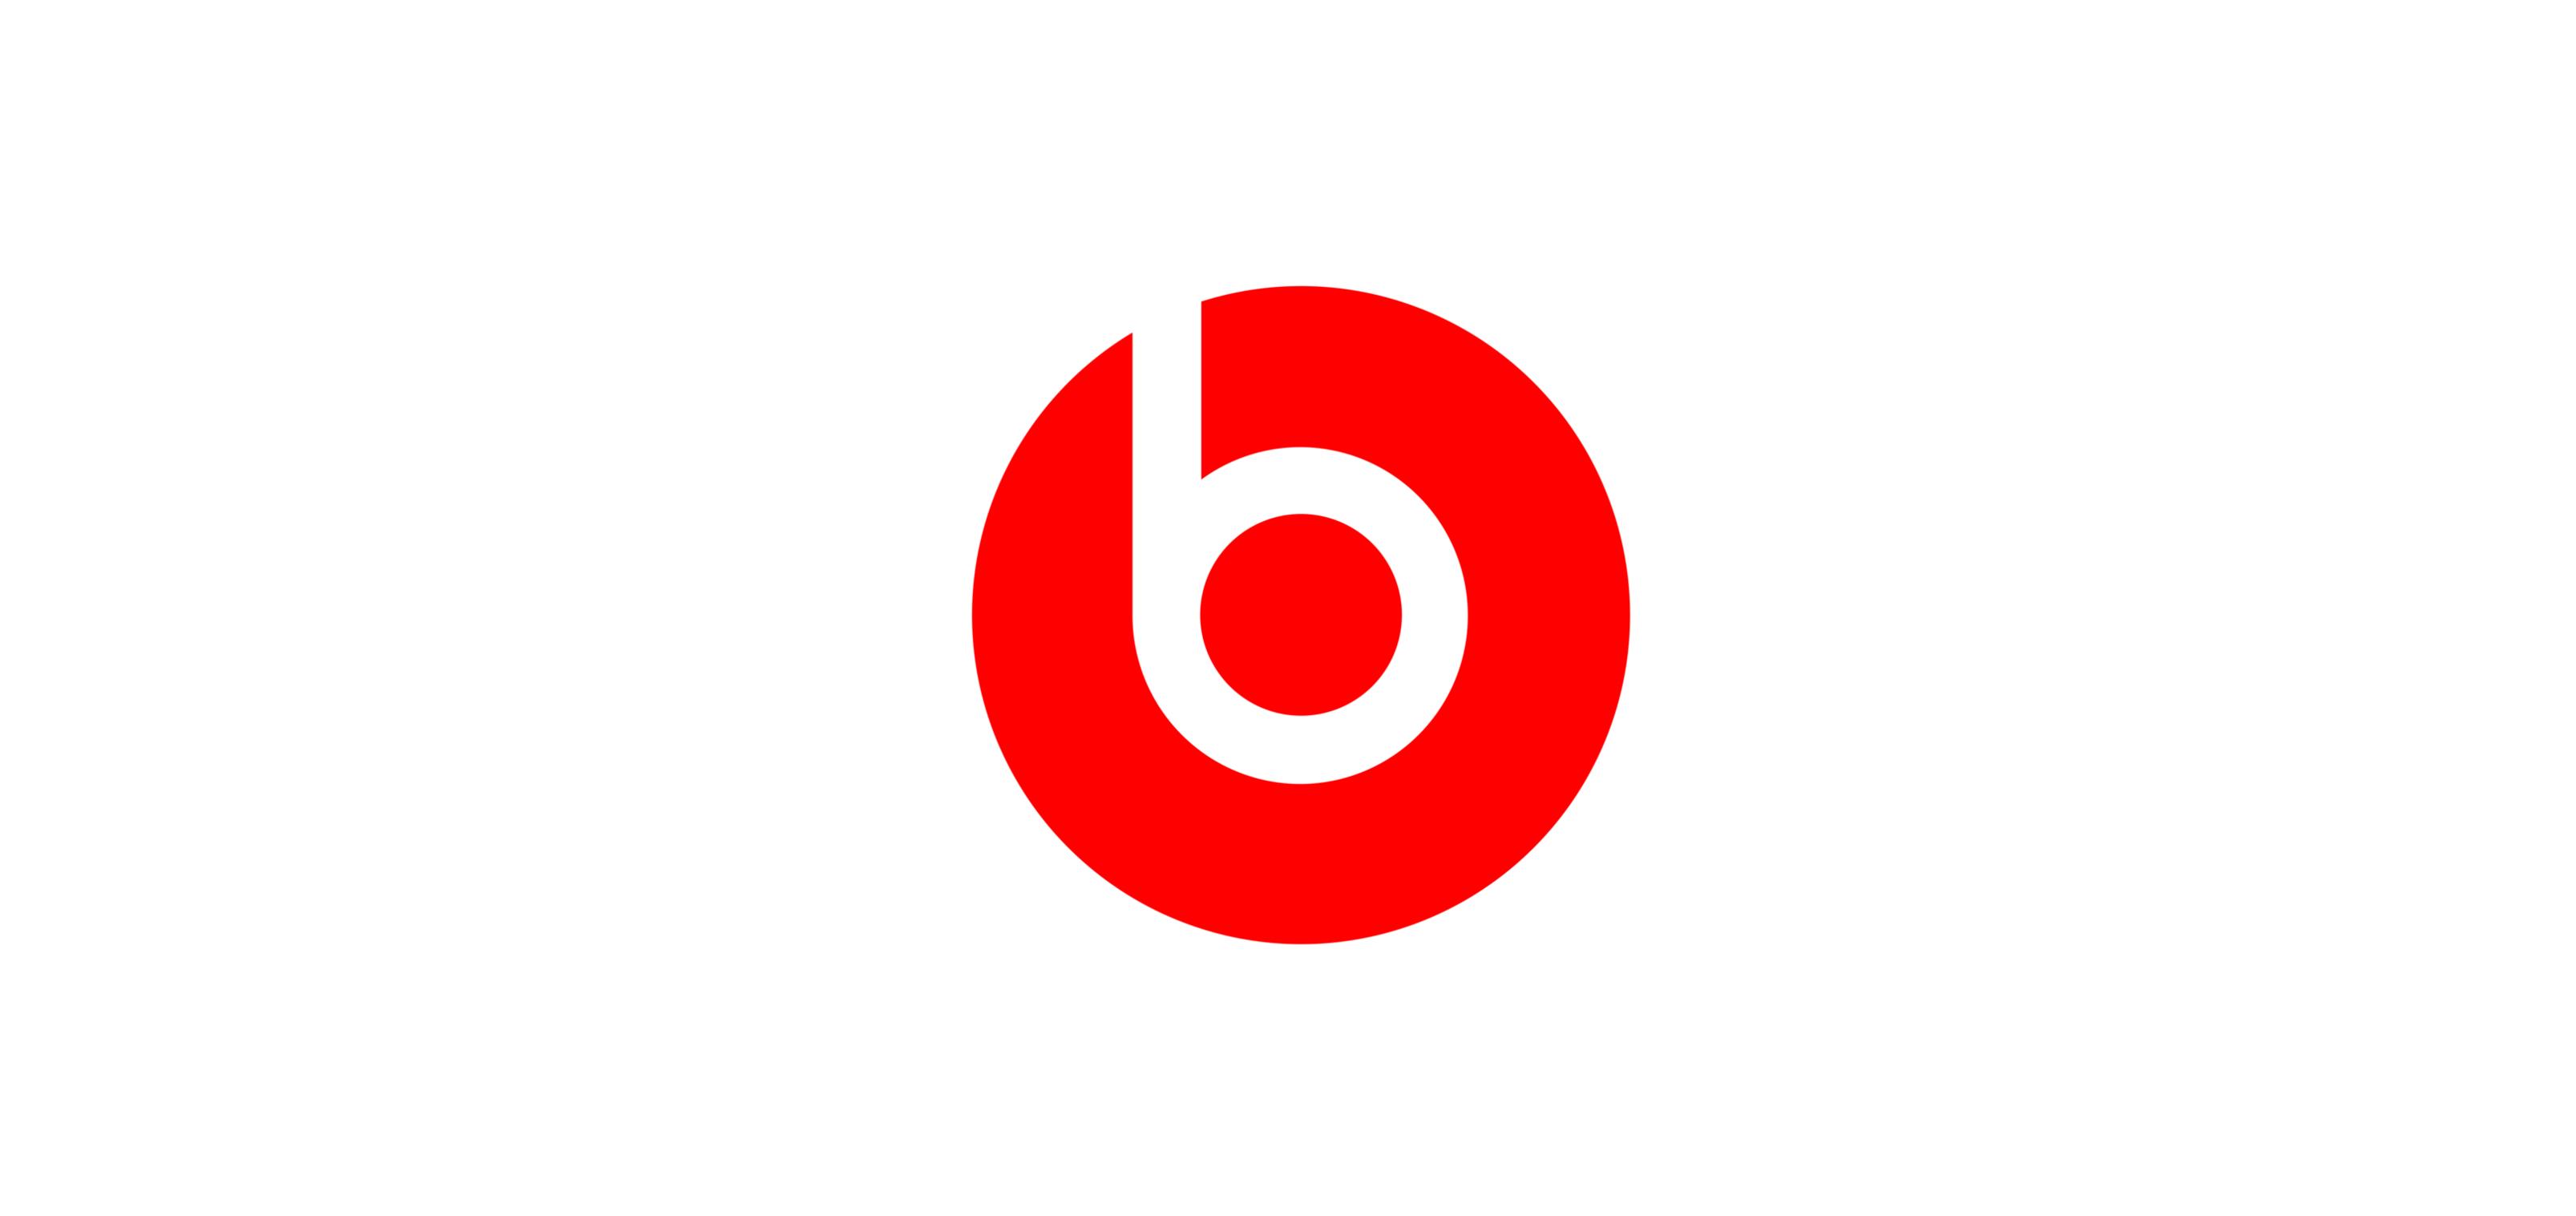 【 Beats Updater 】Beats のワイヤレスデバイスを管理。アップデートや名前の変更はここでする。